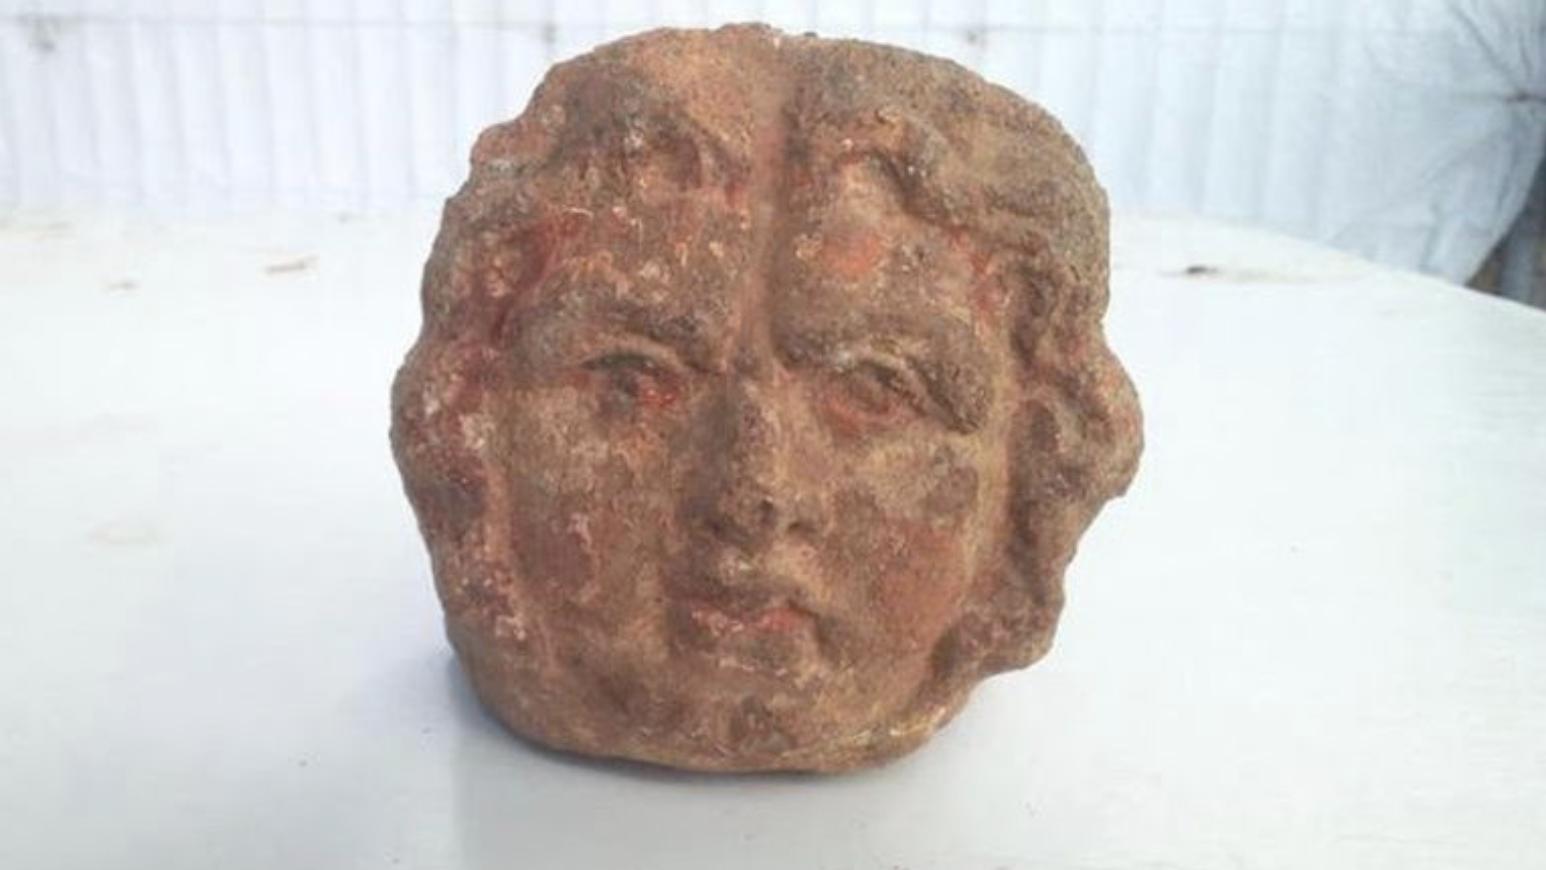 Pre-Roman Samnite theater found in Pompeii?